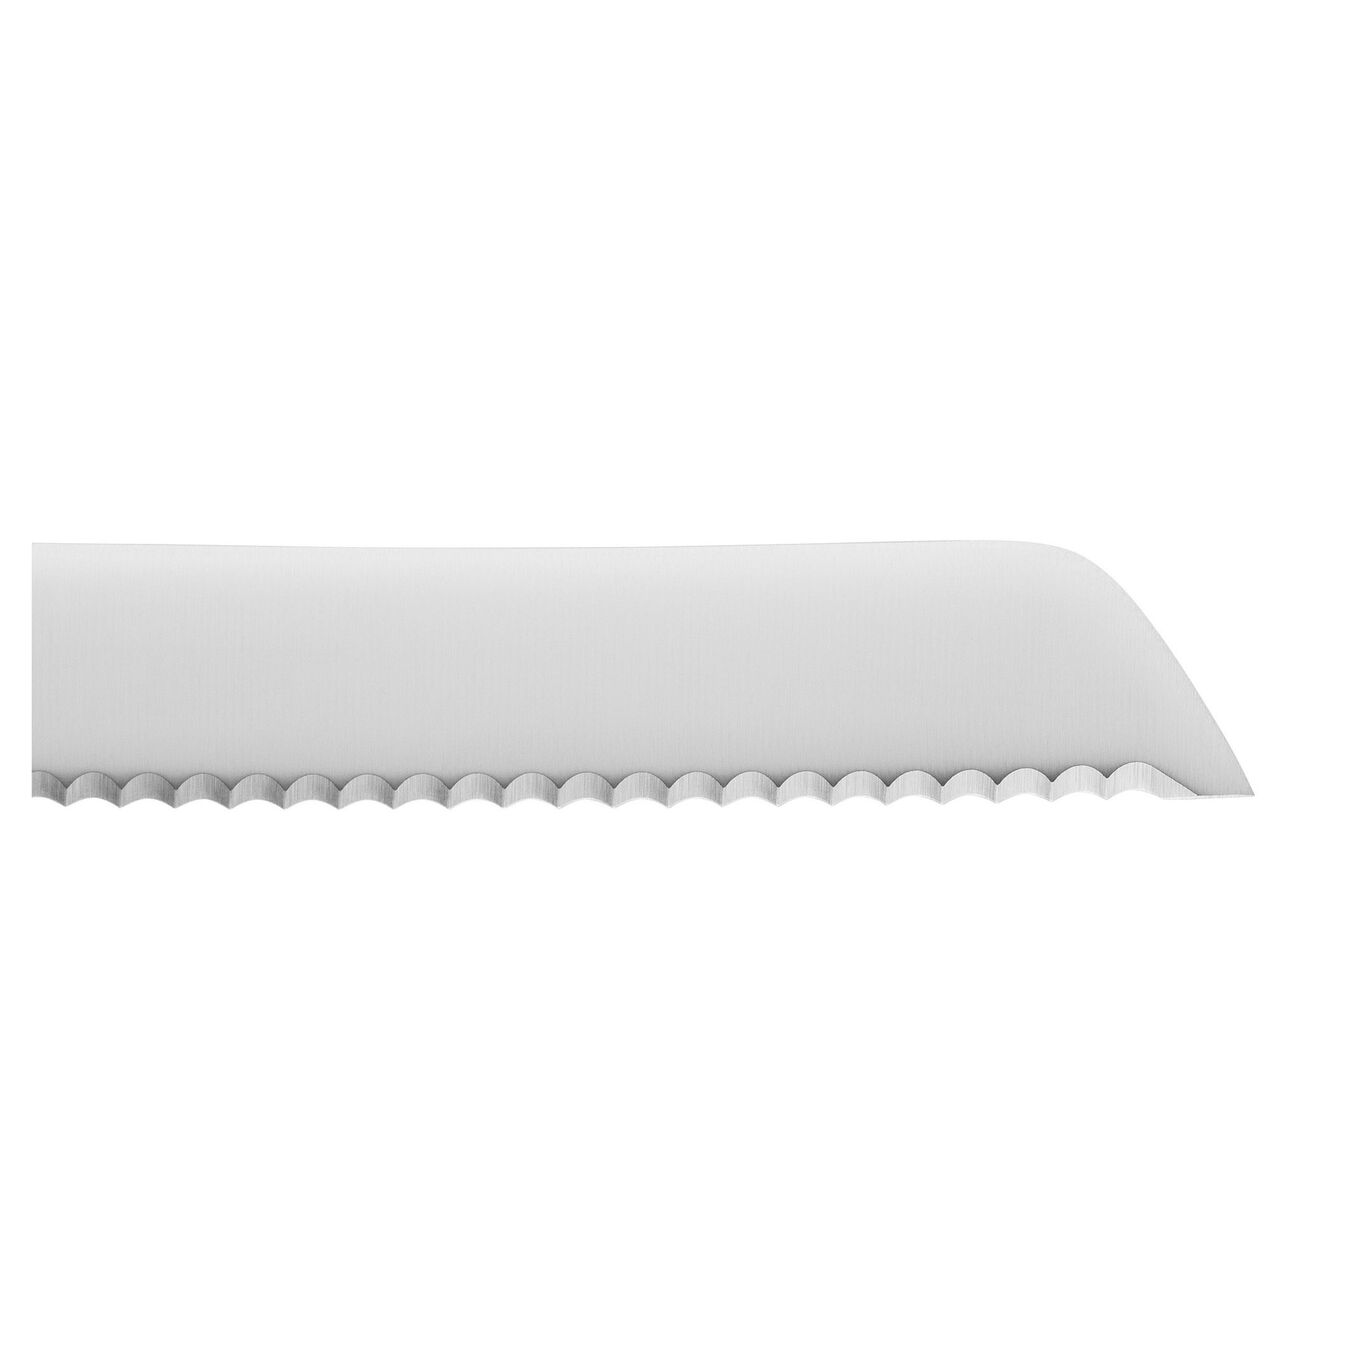 Ekmek Bıçağı, 20 cm | (rengi bulunmuyor) | Dalgalı kenar,,large 4